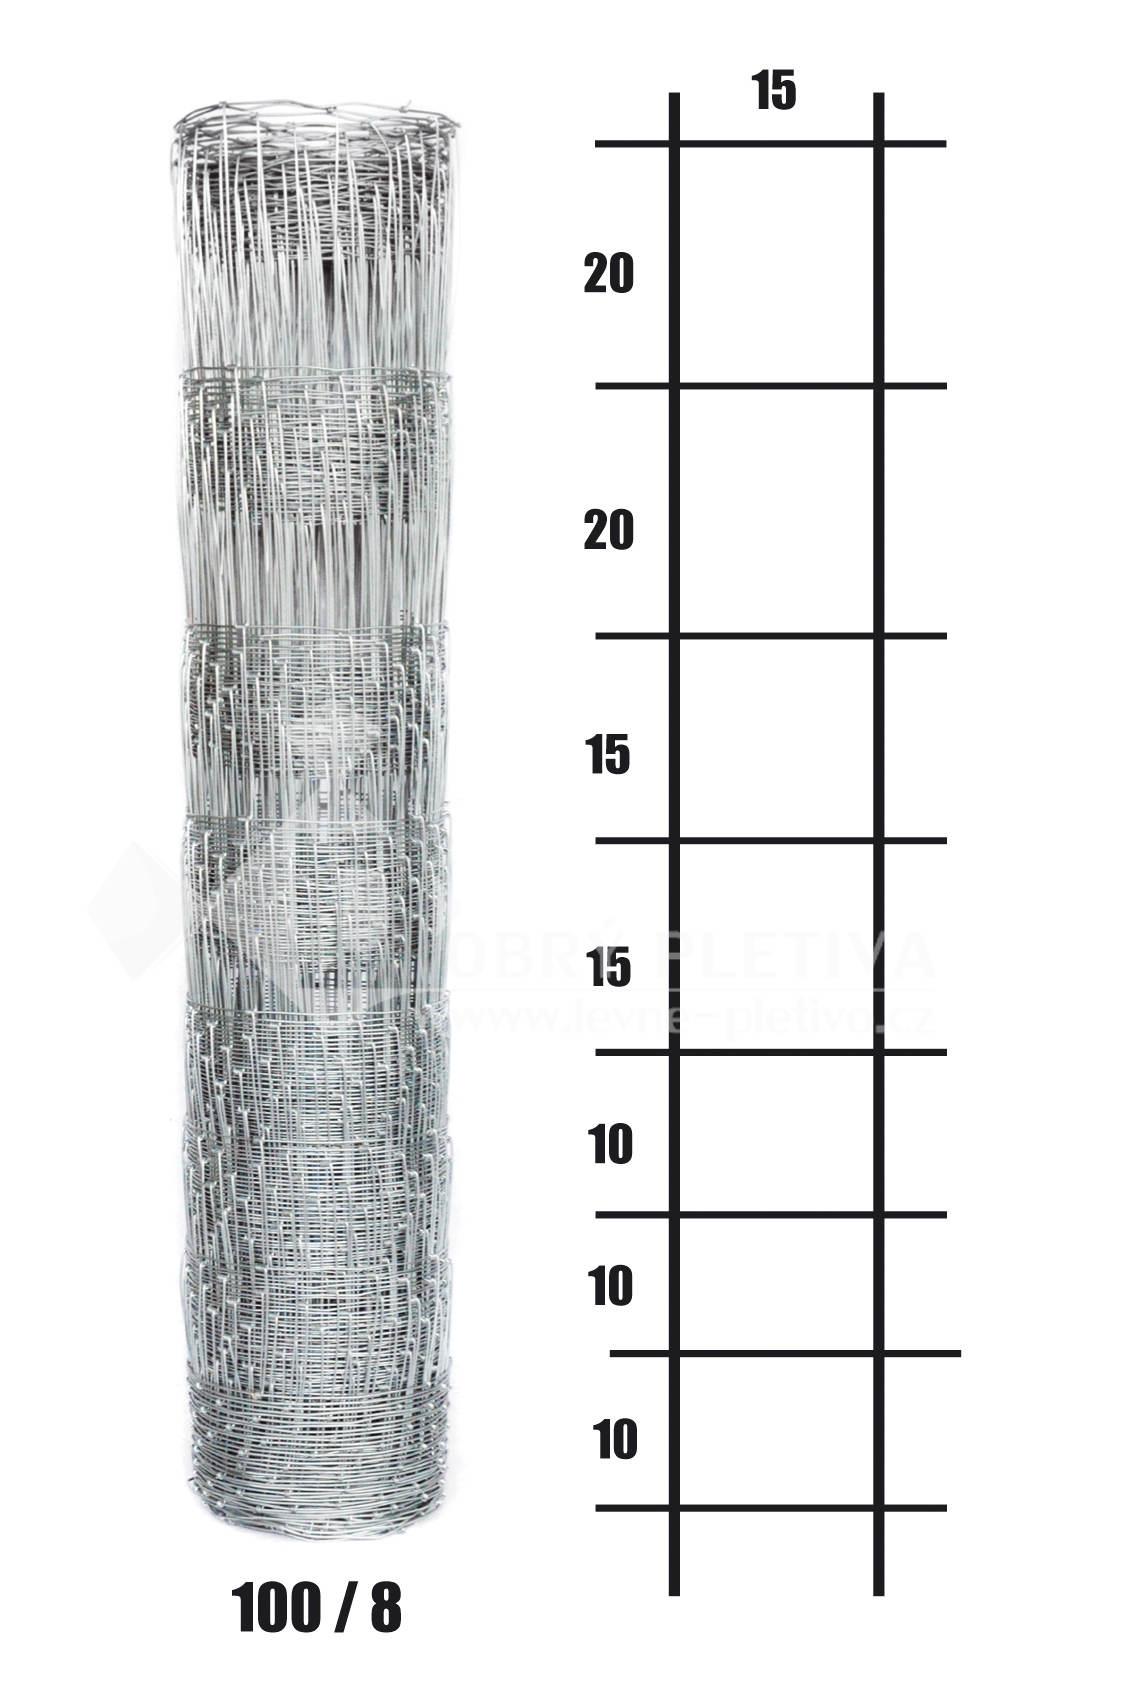 Lesnické pletivo uzlové - výška 100 cm, drát 1,8/2,2 mm, 8 drátů